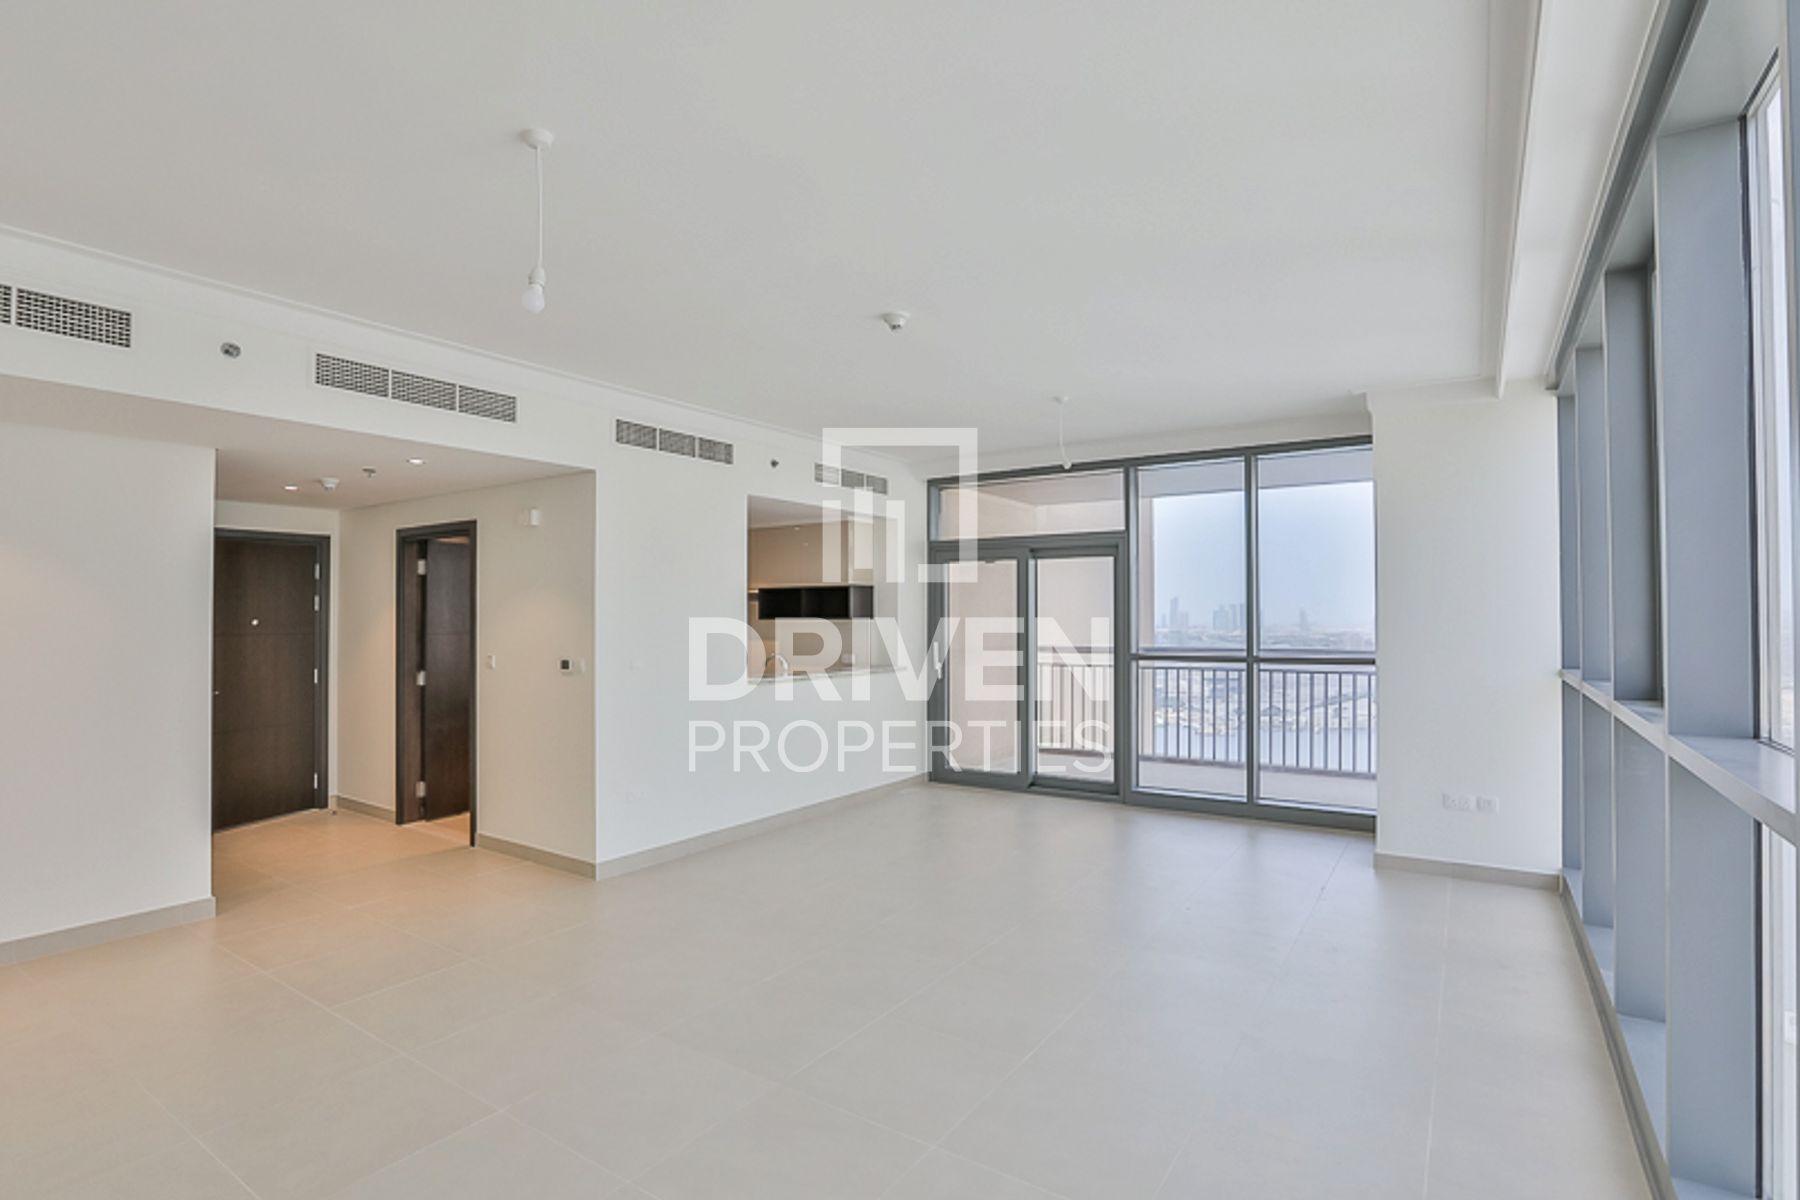 1,678 قدم مربع  شقة - للايجار - ميناء خور دبي